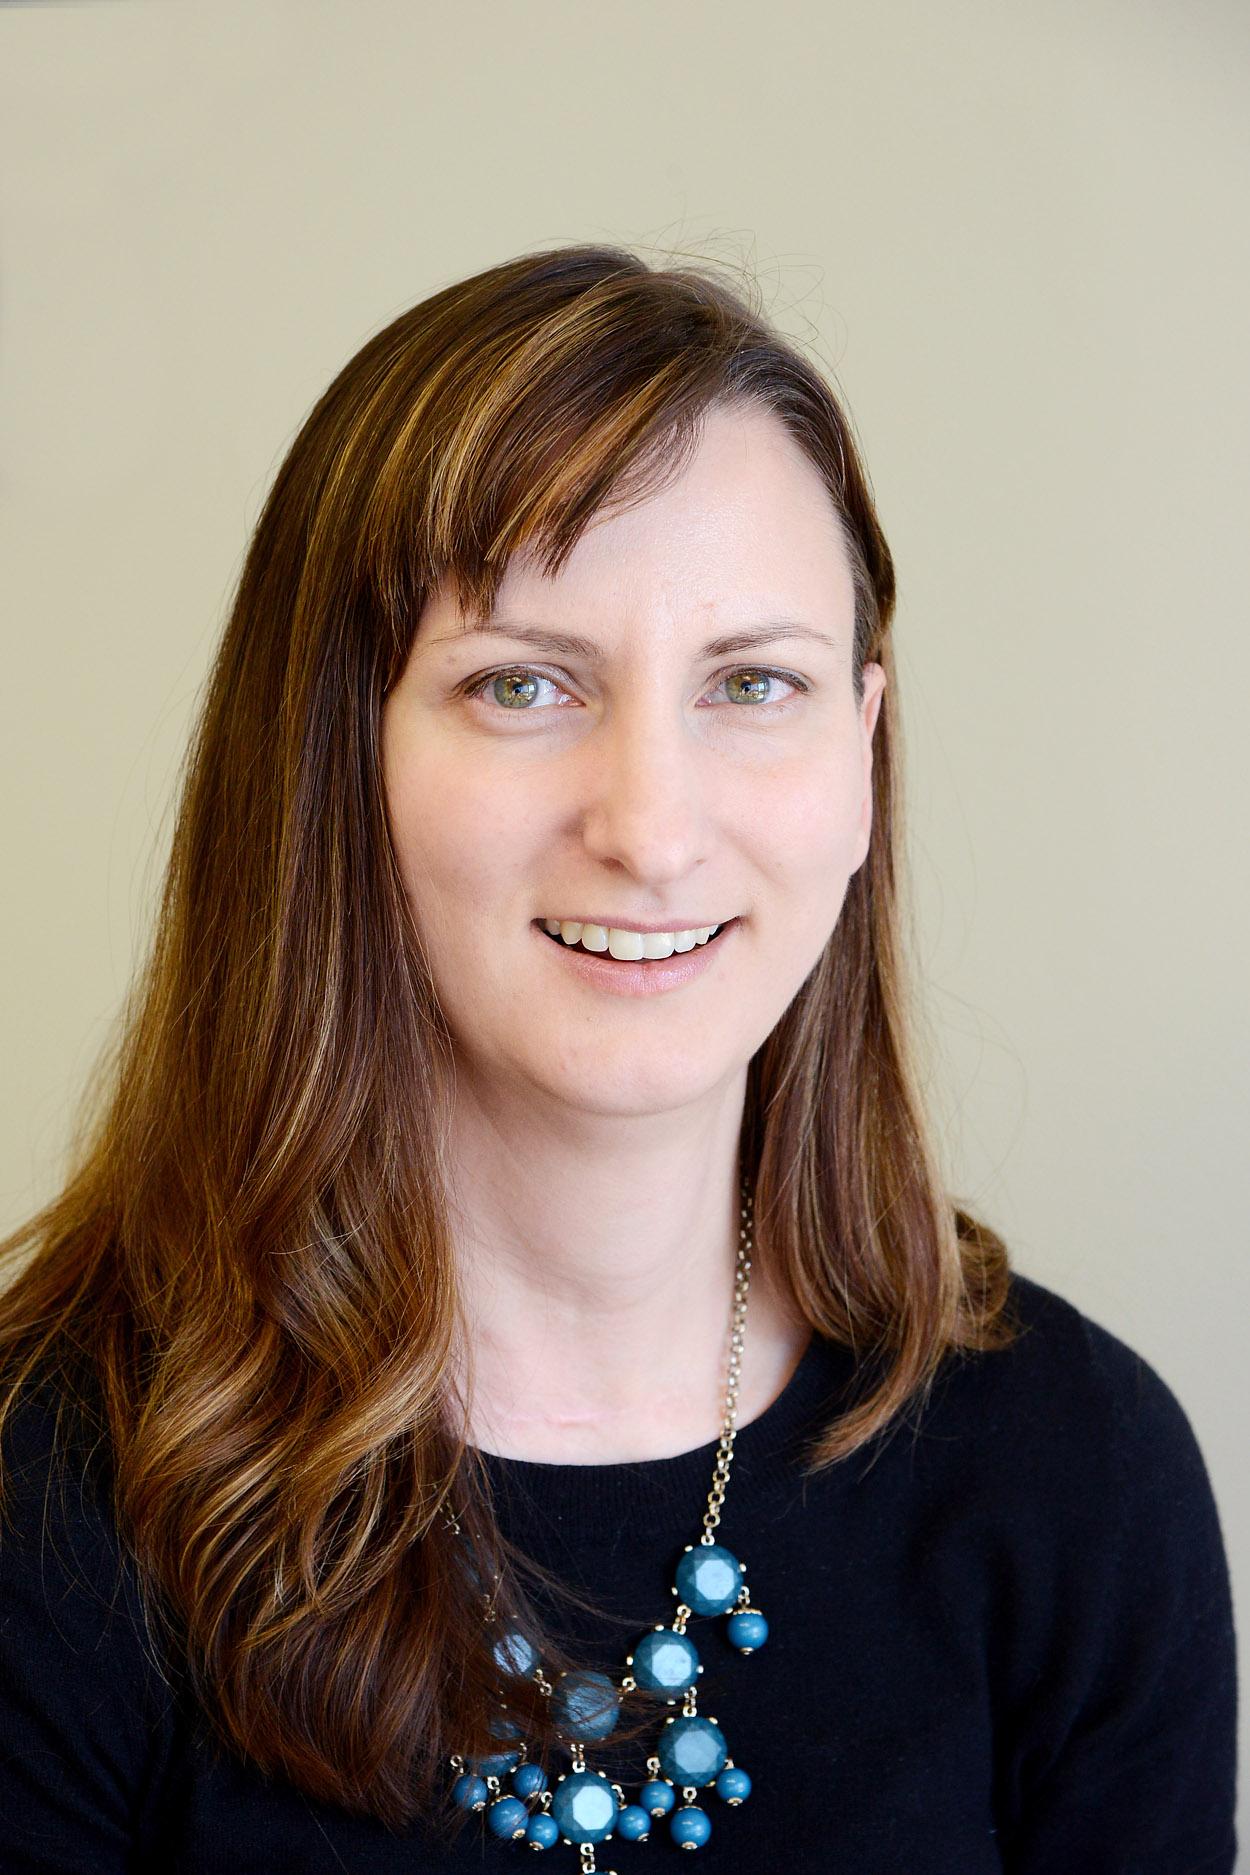 Jill Poulton